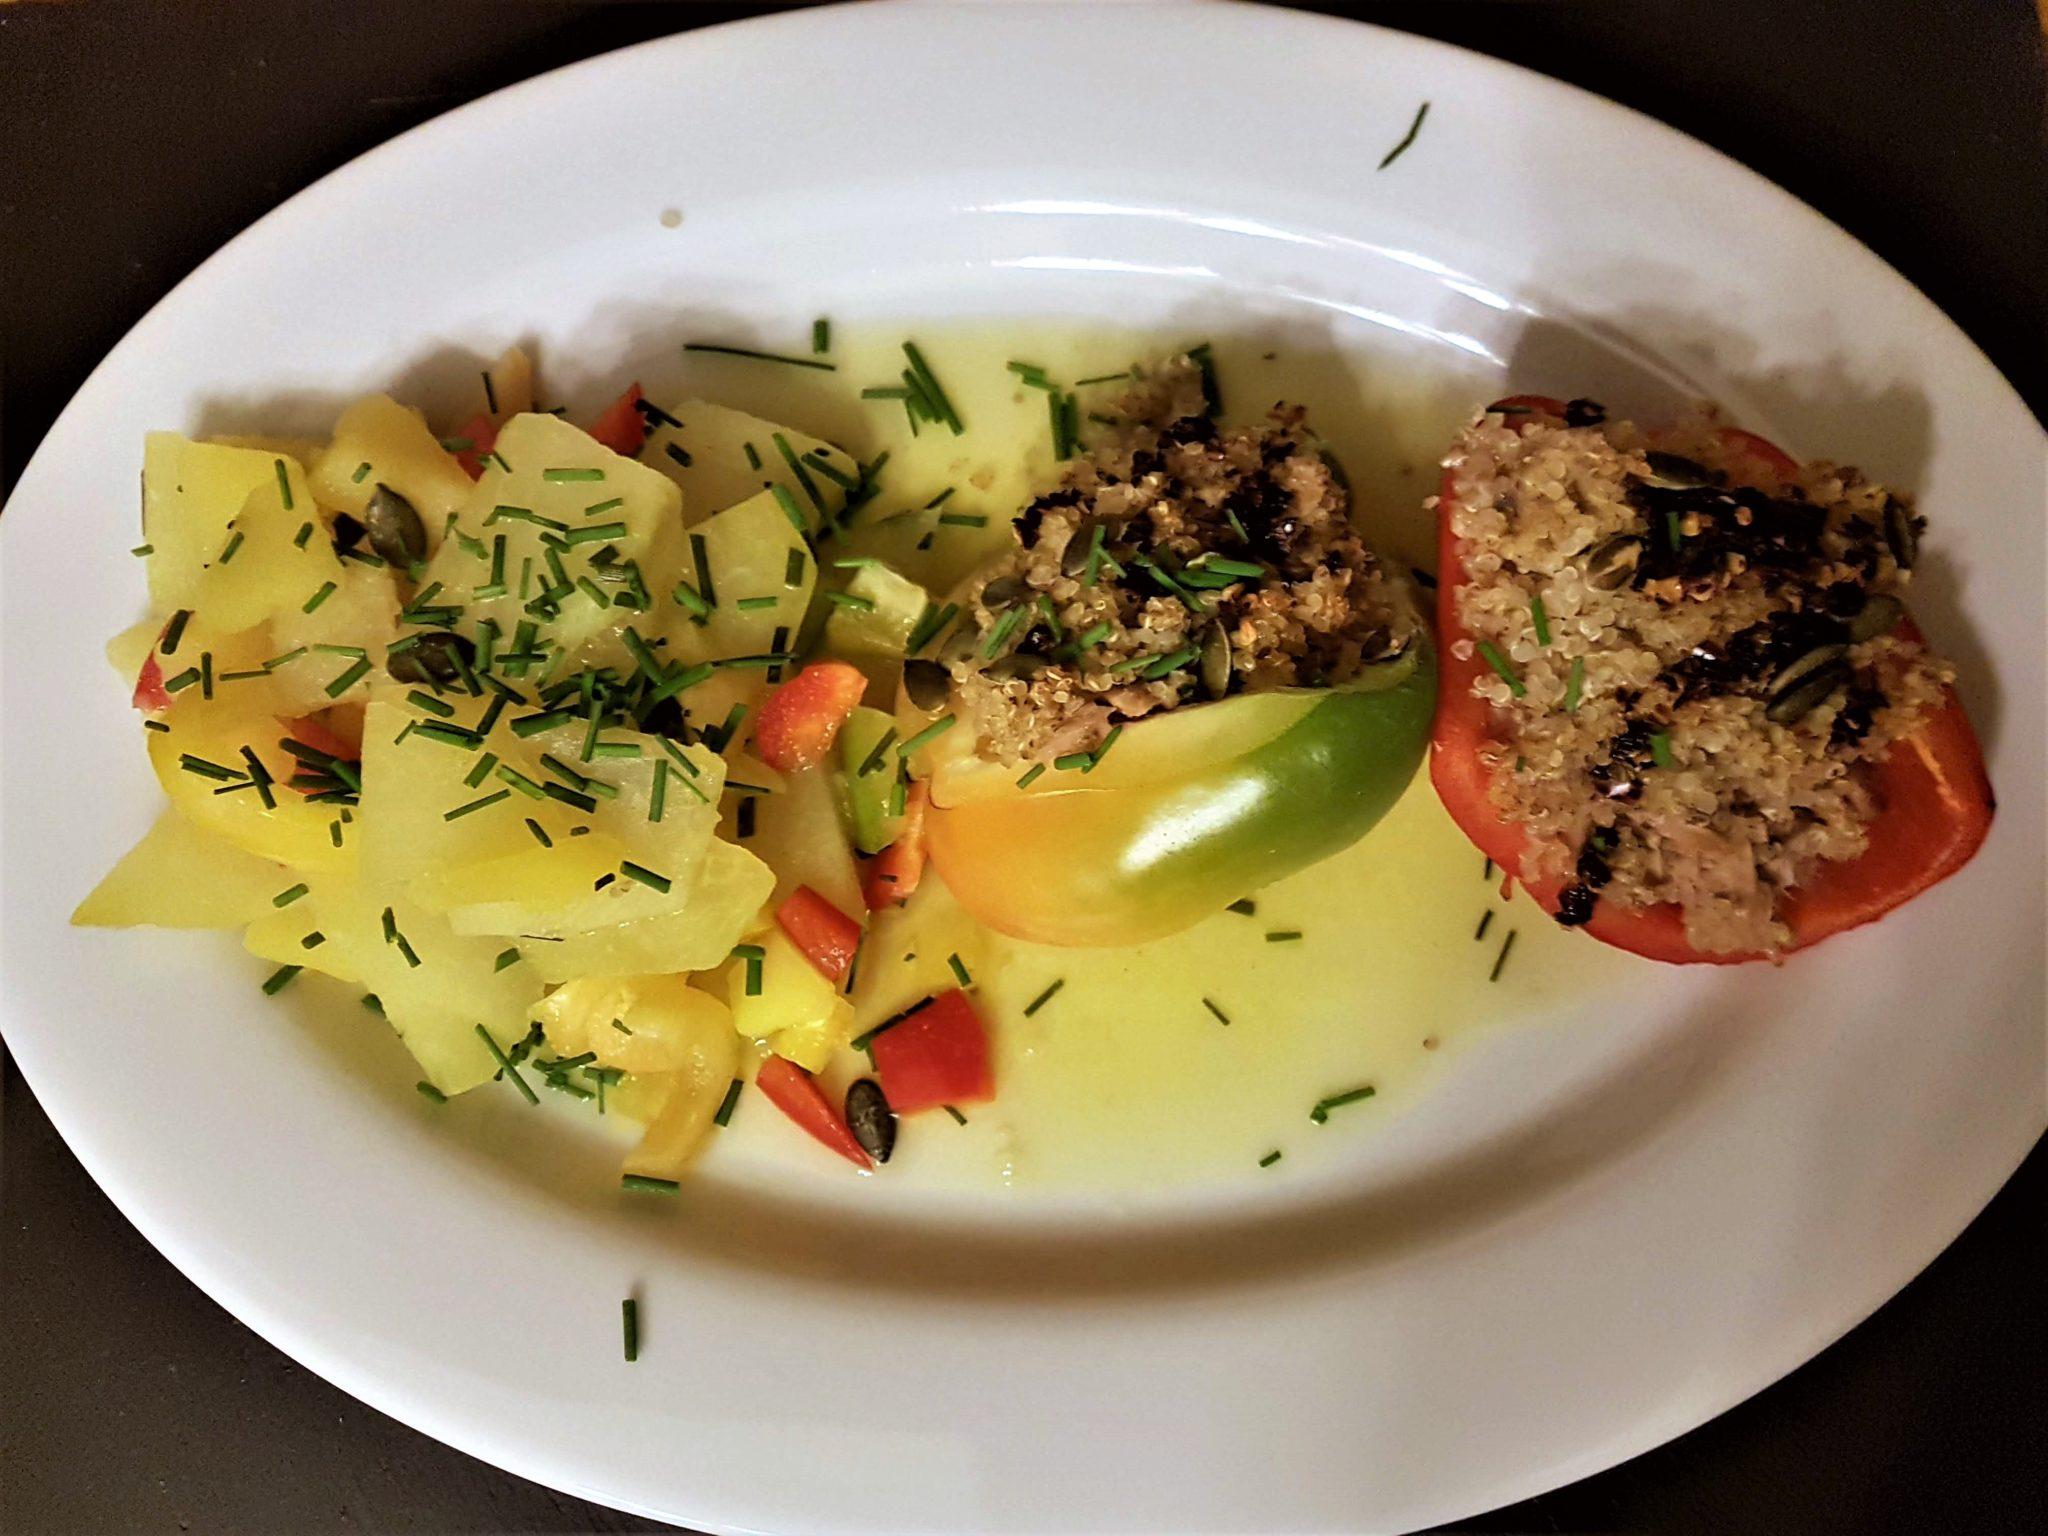 Kohlrabi-Rezept; Kohlrabi-Gemüse, gefüllte Paprika,